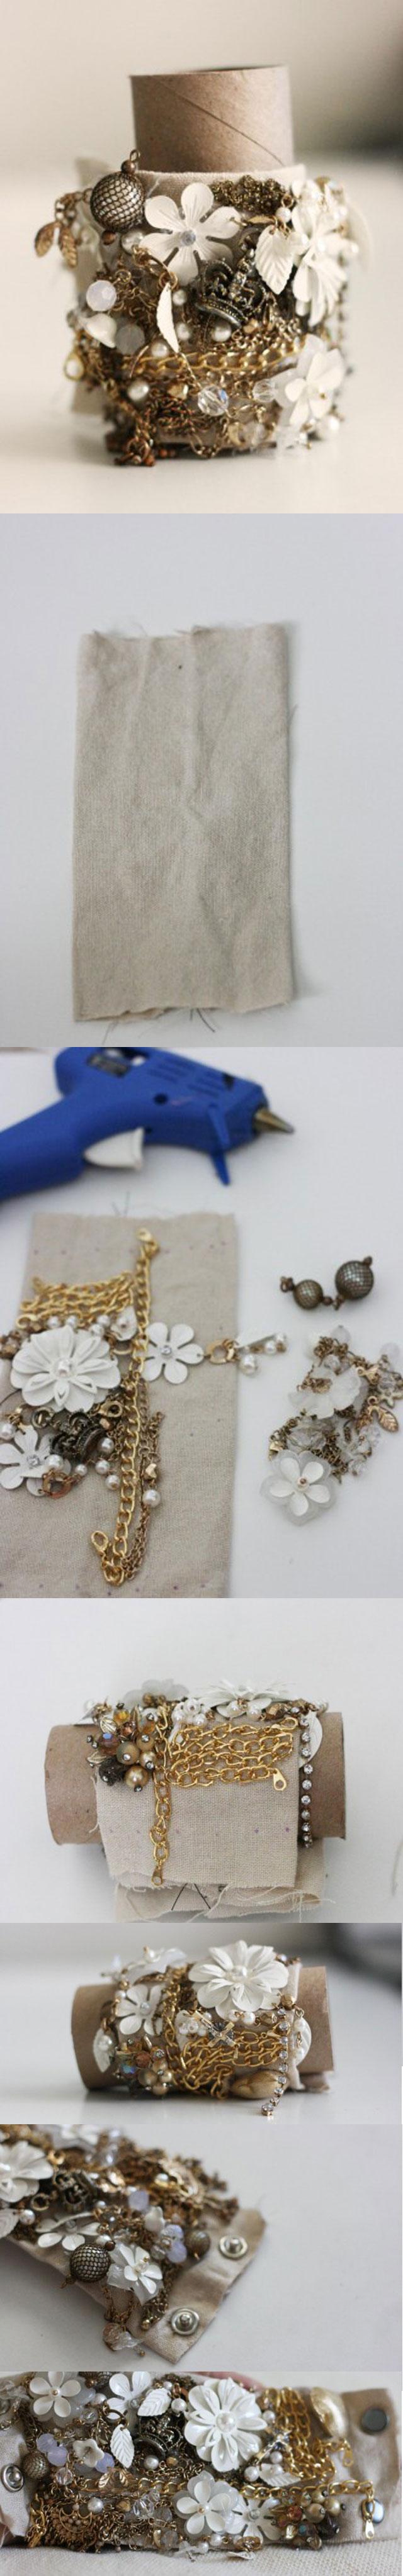 DIY: 5 браслеты, которые будут в моде этой весной